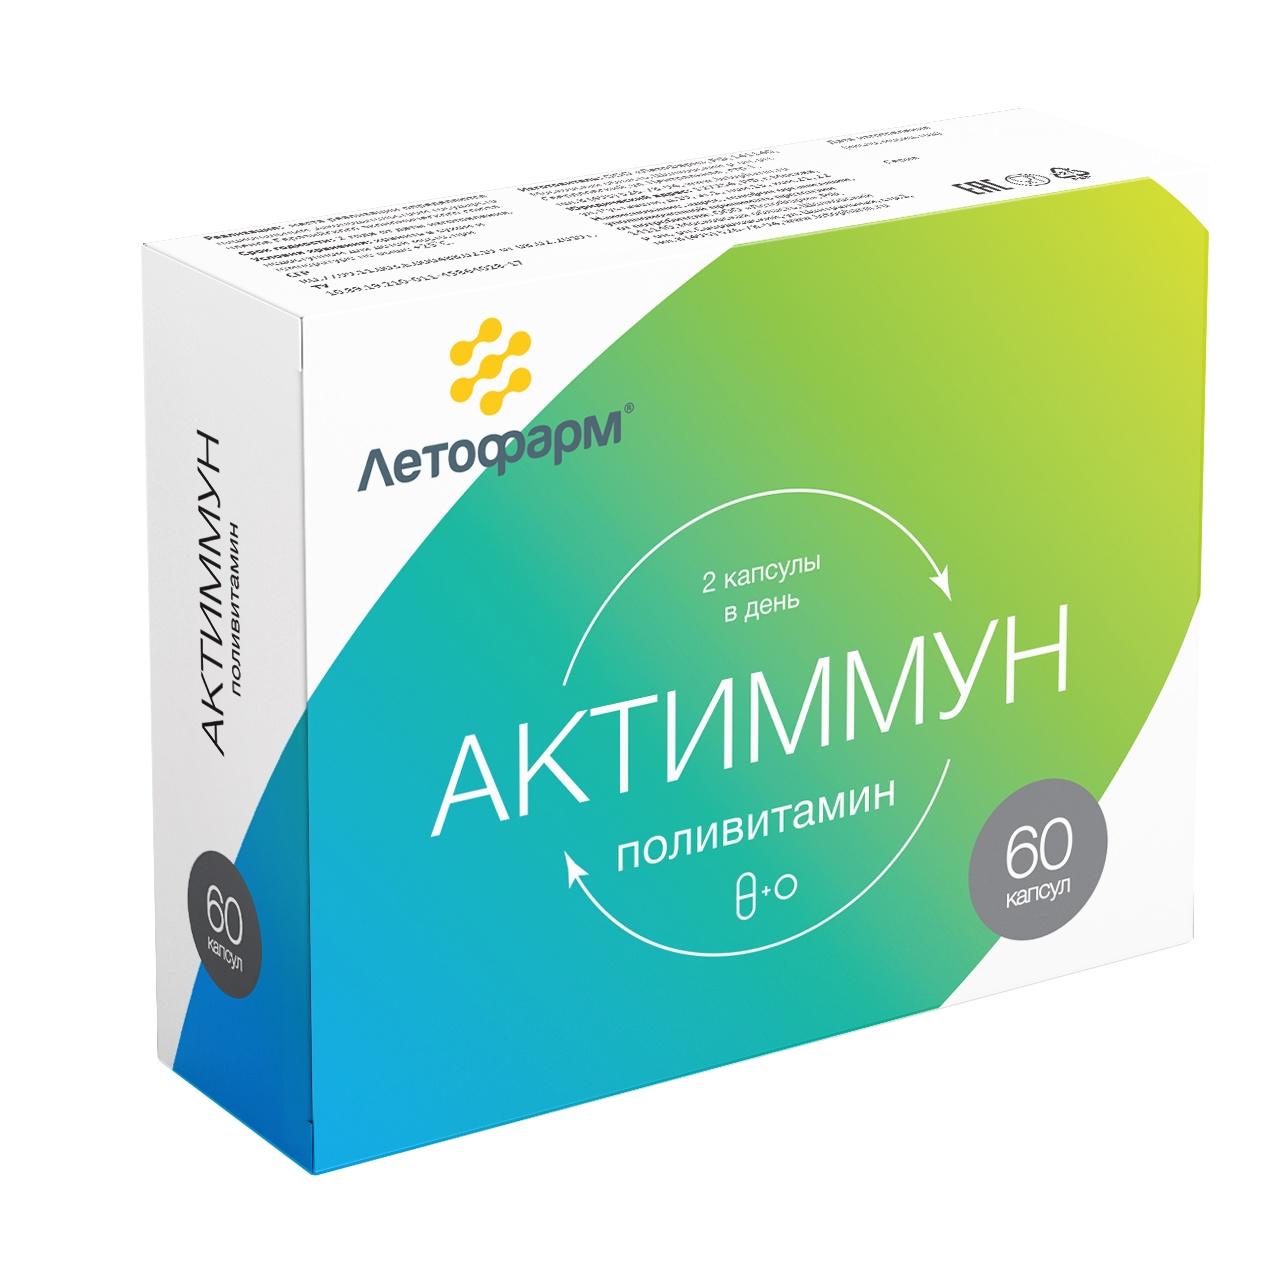 Фото препарата Актиммун поливитамин набор капсулы желатиновые мягкие массой 320мг + капсулы желатиновые твердые массой 530мг